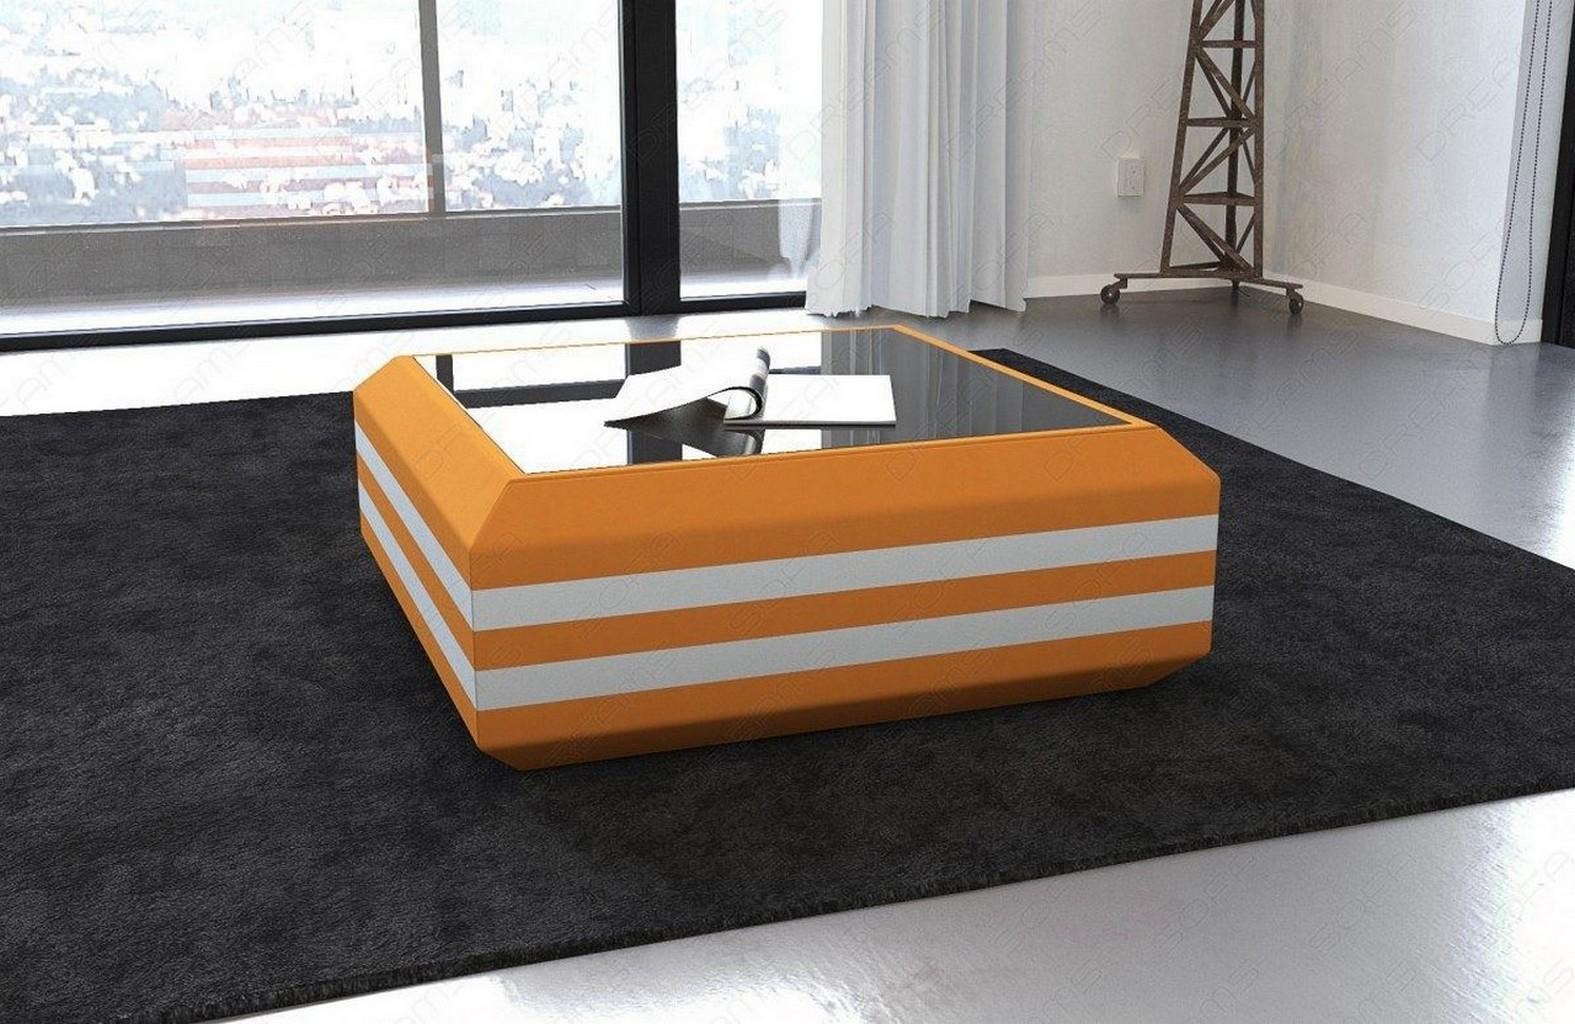 couchtisch beistelltisch stoff ravenna led beleuchtung mit glasplatte tisch ebay. Black Bedroom Furniture Sets. Home Design Ideas